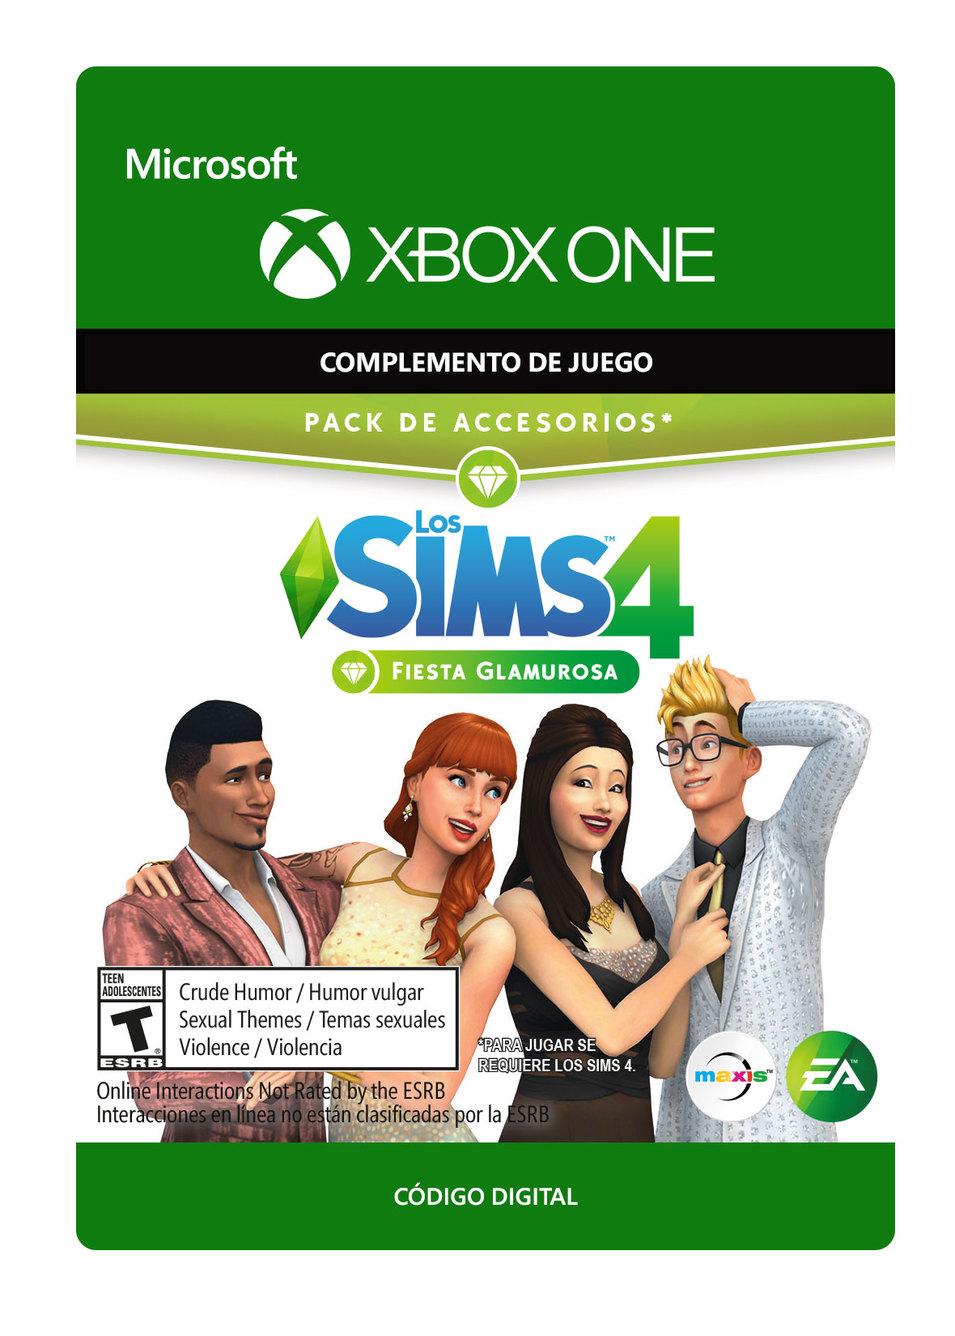 Los Sims 4 Fiesta Glamurosa Pack de Accesorios